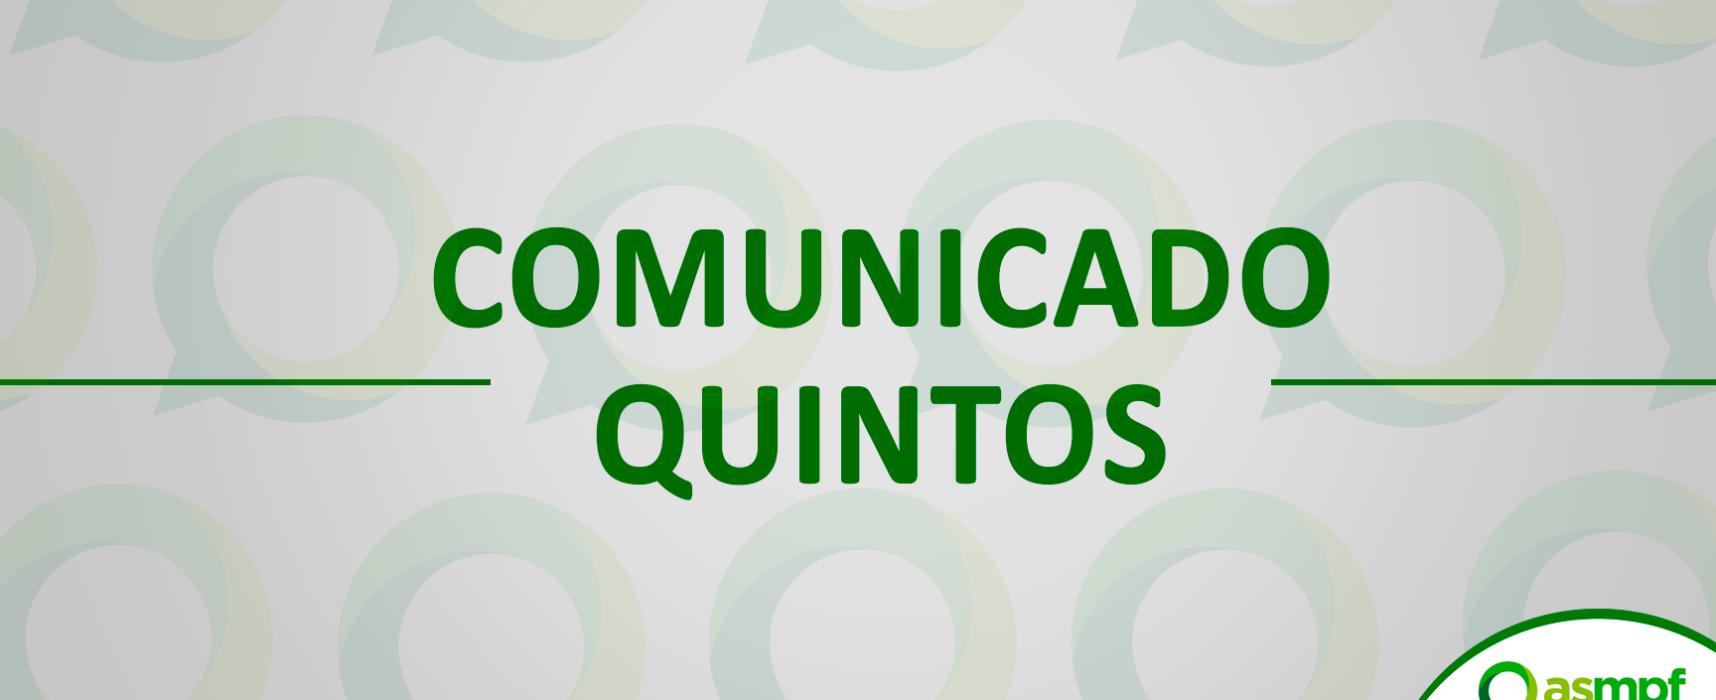 QUINTOS u2013 ASMPF EM DEFESA DO SERVIDOR, OPÔS EMBARGOS DE DECLARAÇÃO -  Asmpf Logo PNG - Asmpf PNG